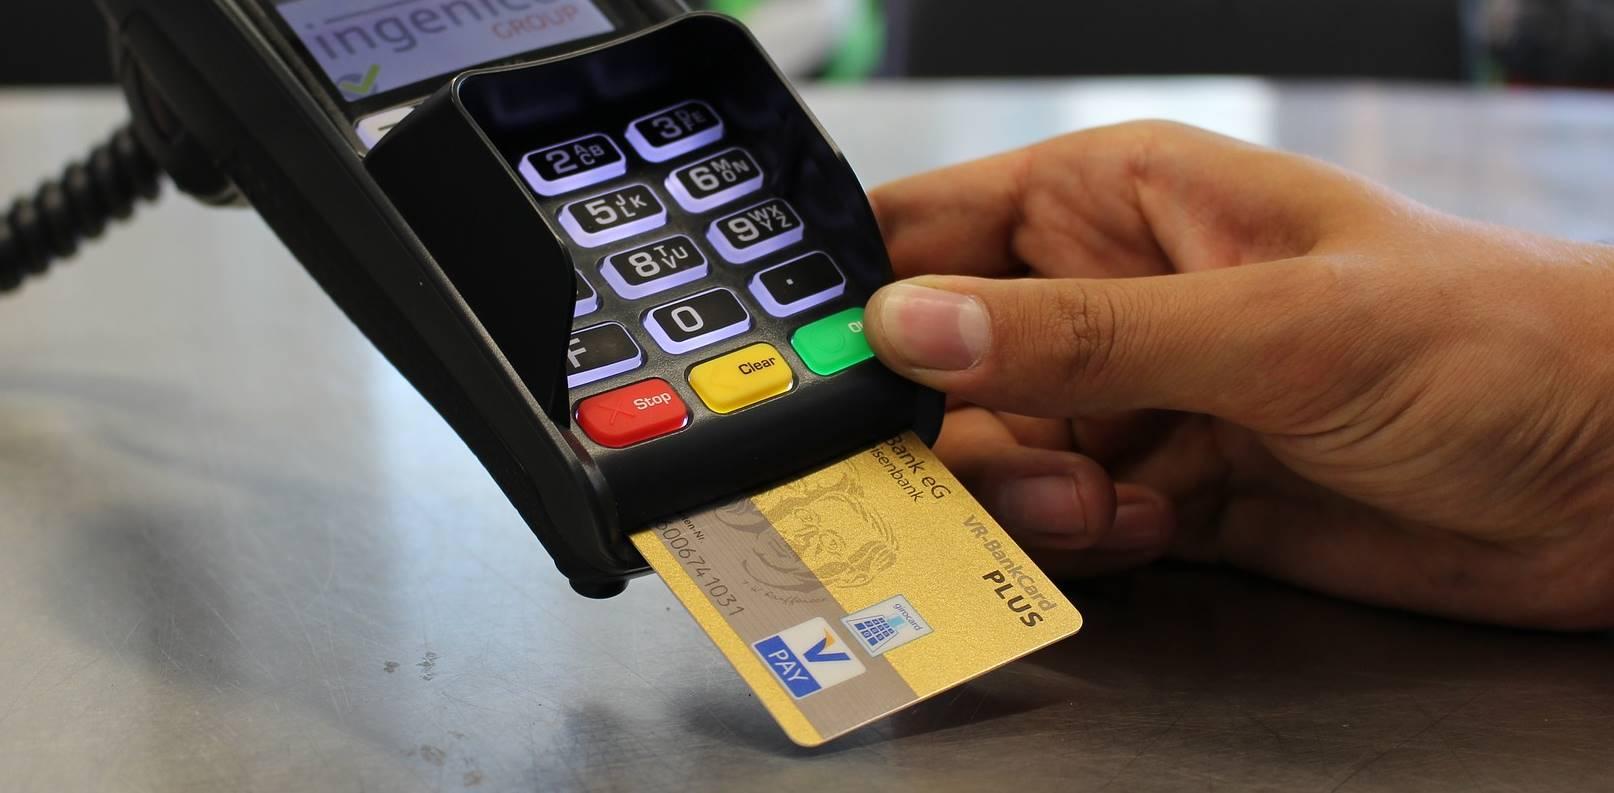 Supermarkten vragen klanten geen contant geld te gebruiken vanwege het coronavirus